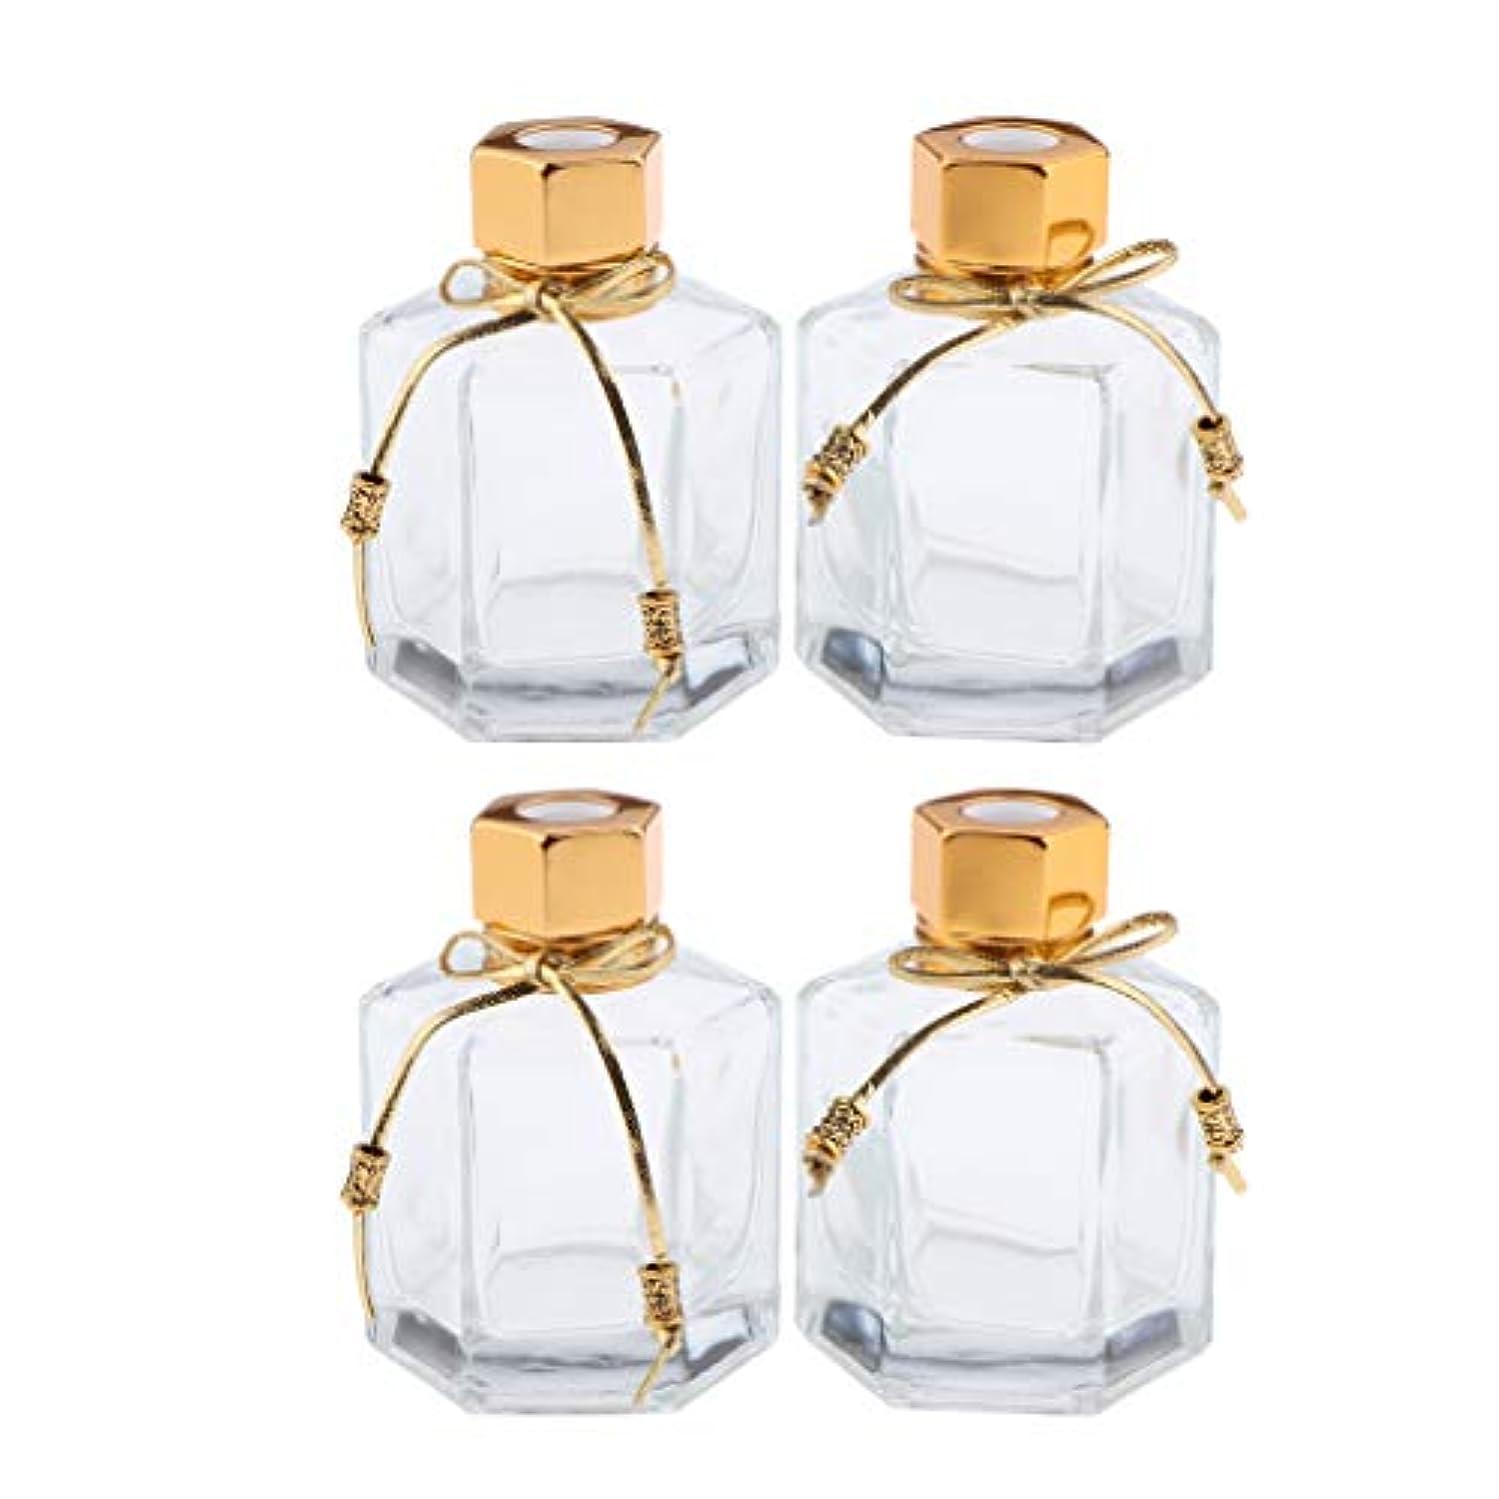 皮童謡からかう4個入り 香りディフューザーボトル 香水瓶 ガラスボトル 空 ガラス容器 100ML方形